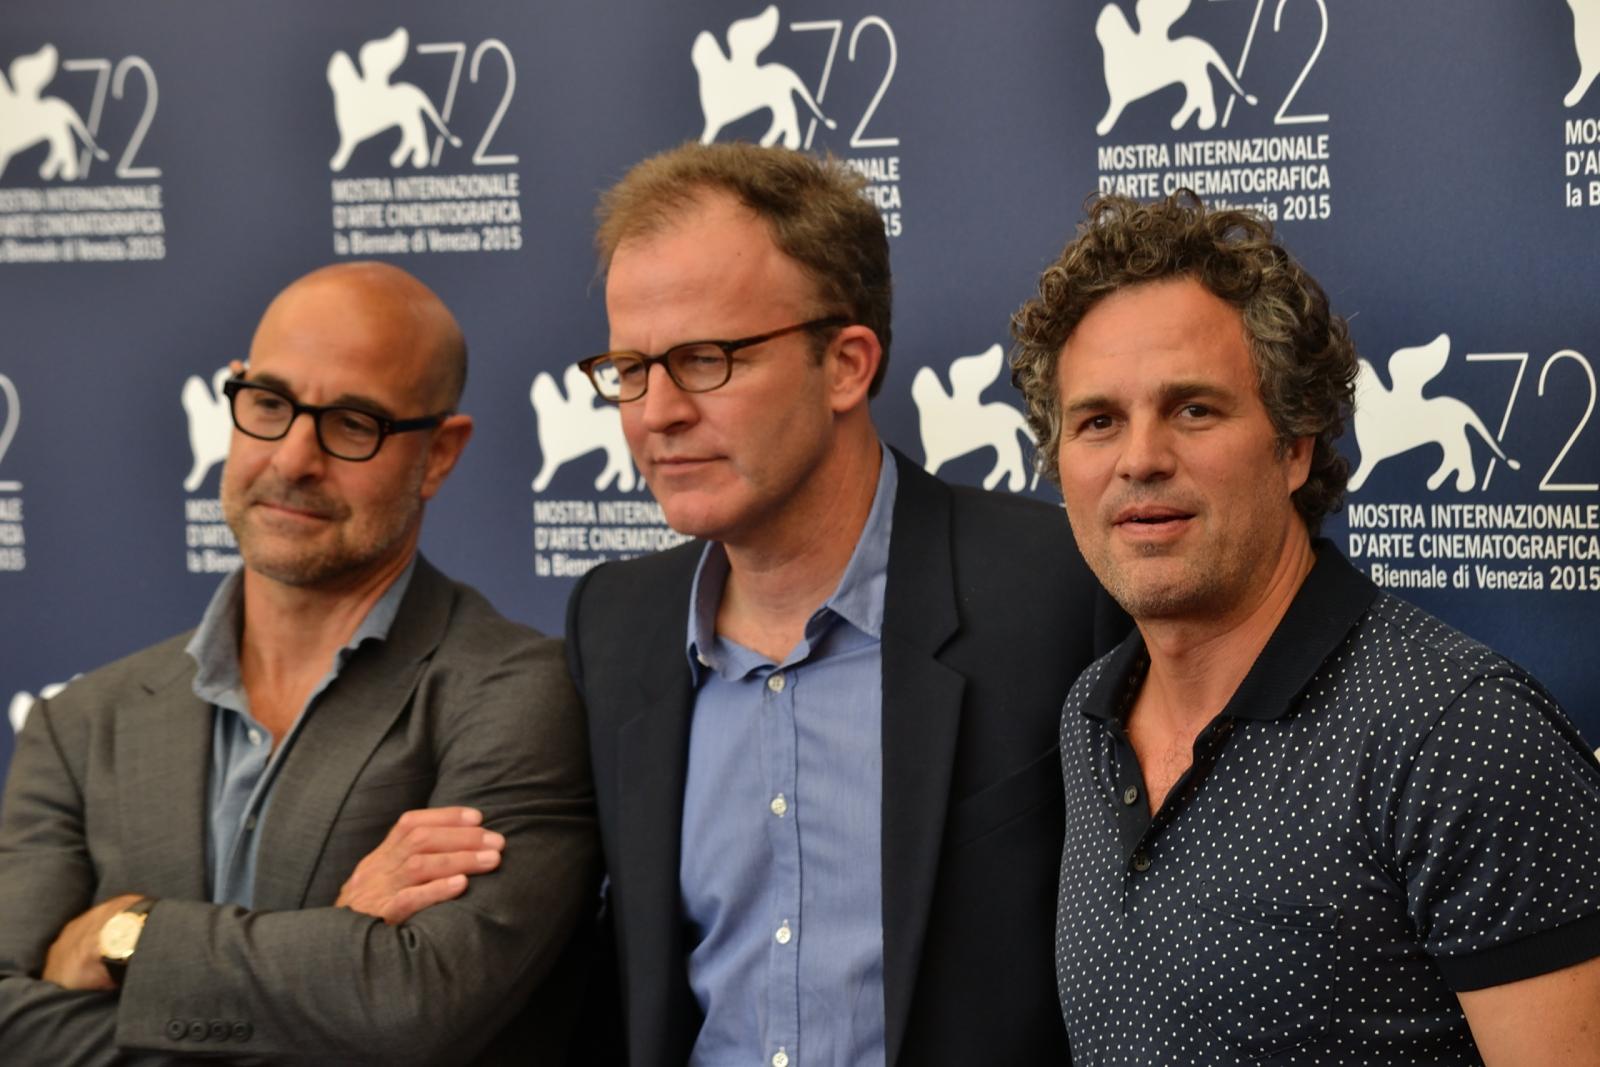 Spotlight: Mark Ruffalo, Stanley Tucci e il regista Thomas McCarthy al photocall di Venezia 2015